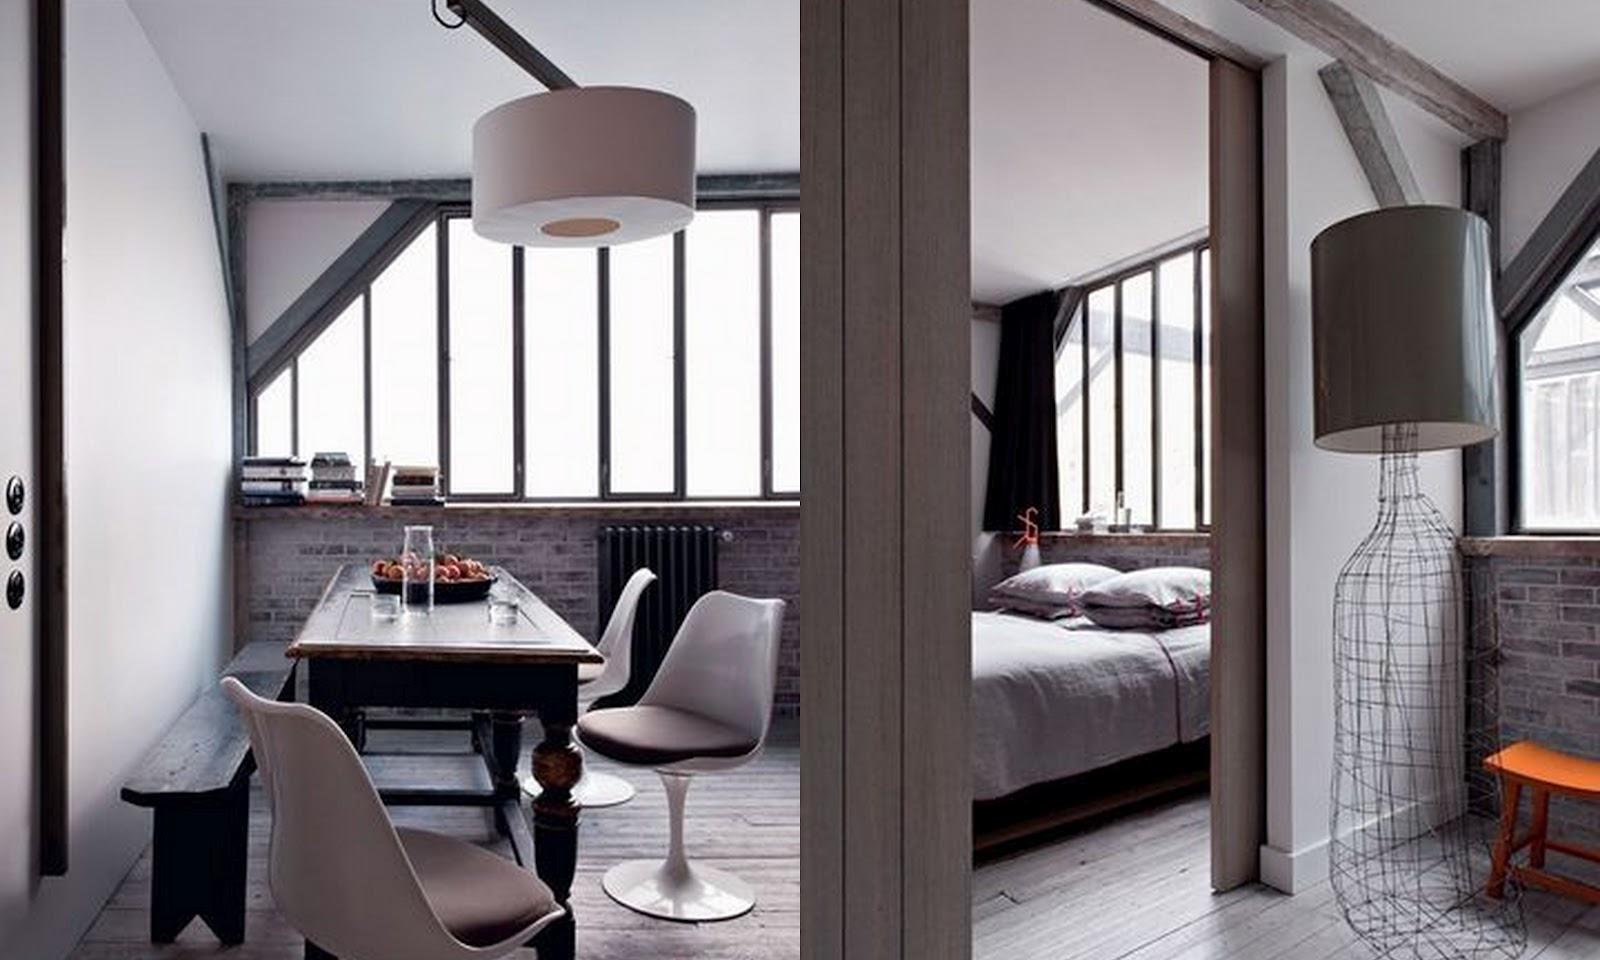 la maison poetique simple pergola avec abri de jardin en bois autoclave beau la maison potique. Black Bedroom Furniture Sets. Home Design Ideas